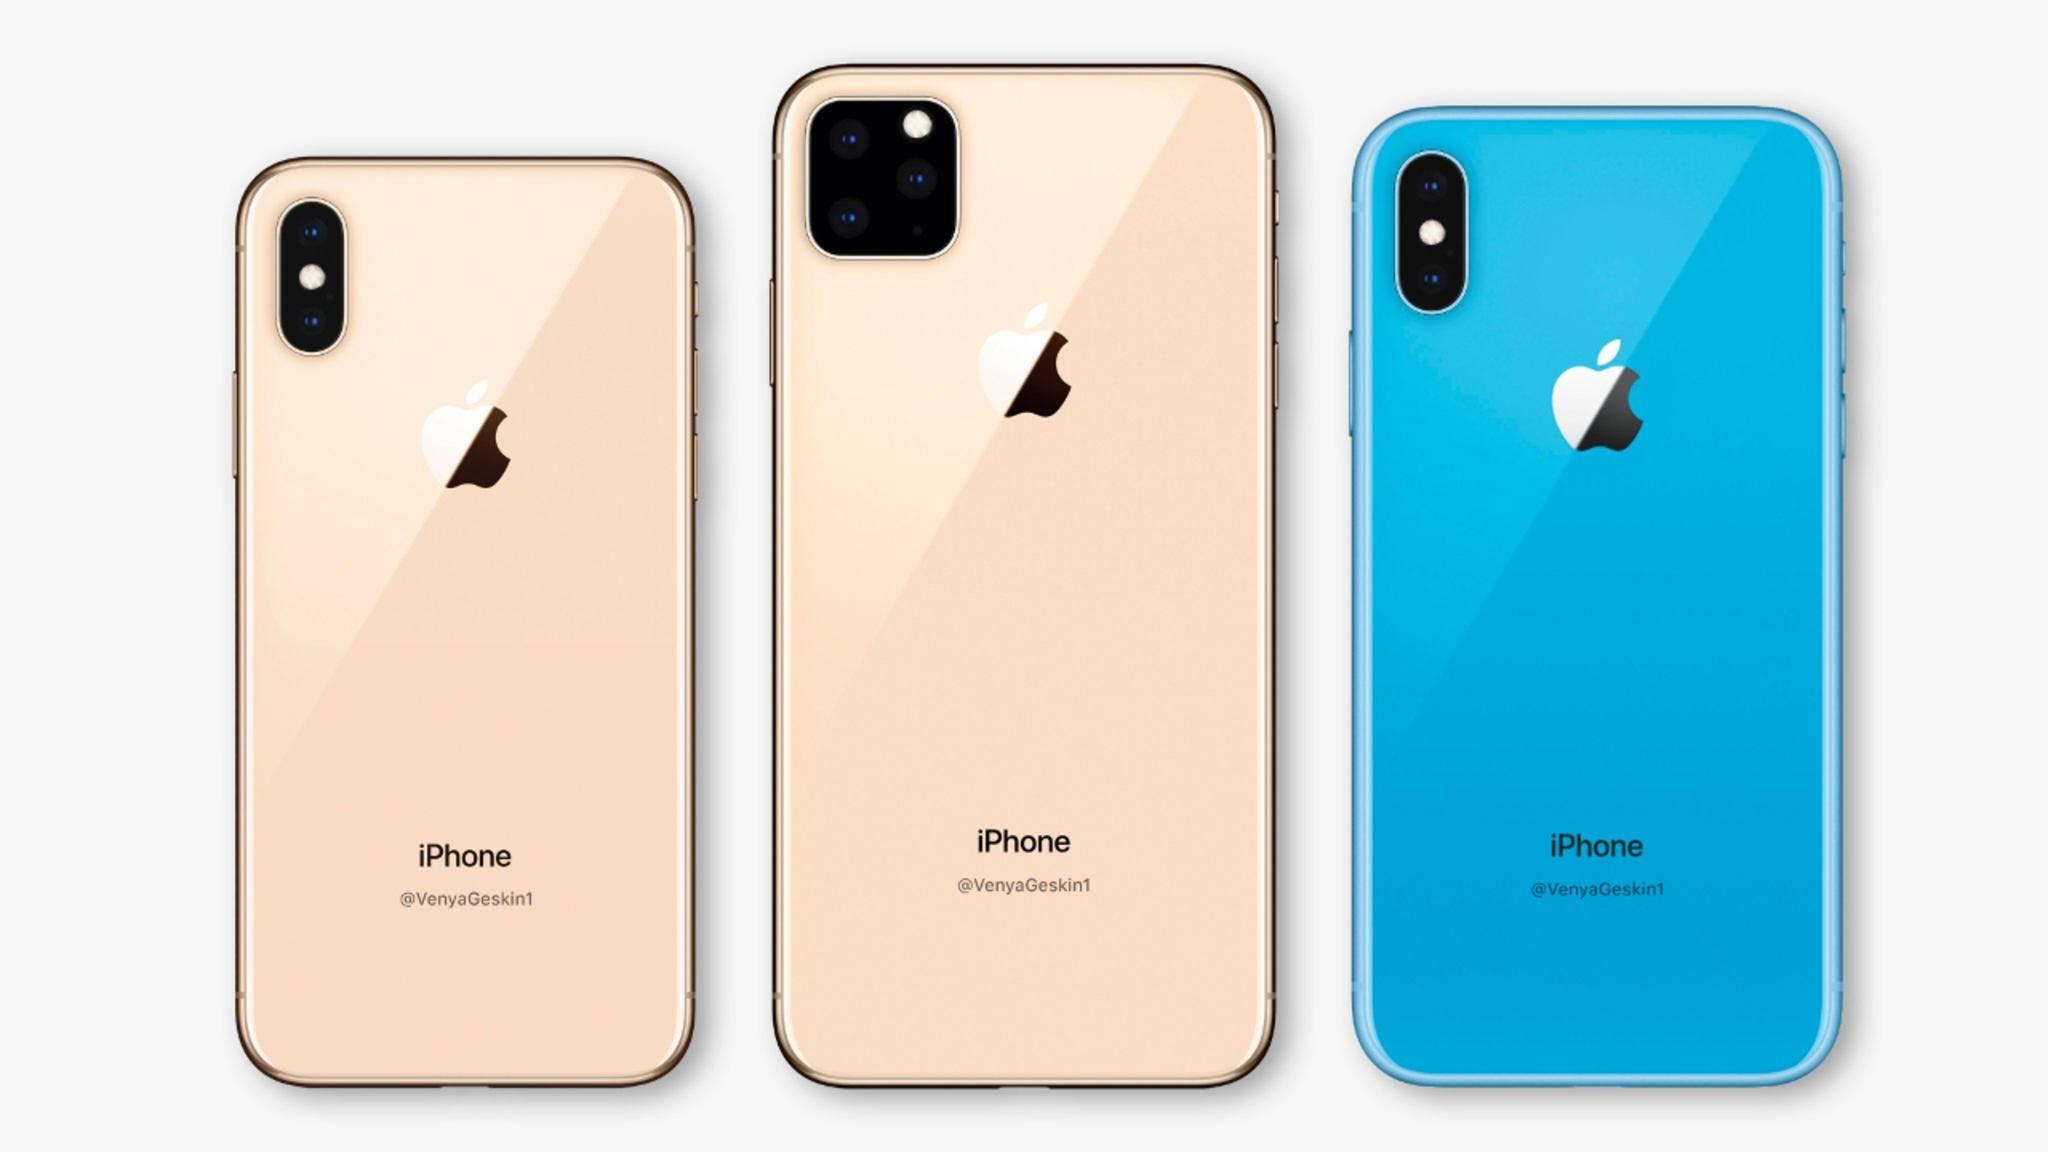 Das iPhone soll auch 2019 wieder in drei Versionen erscheinen.